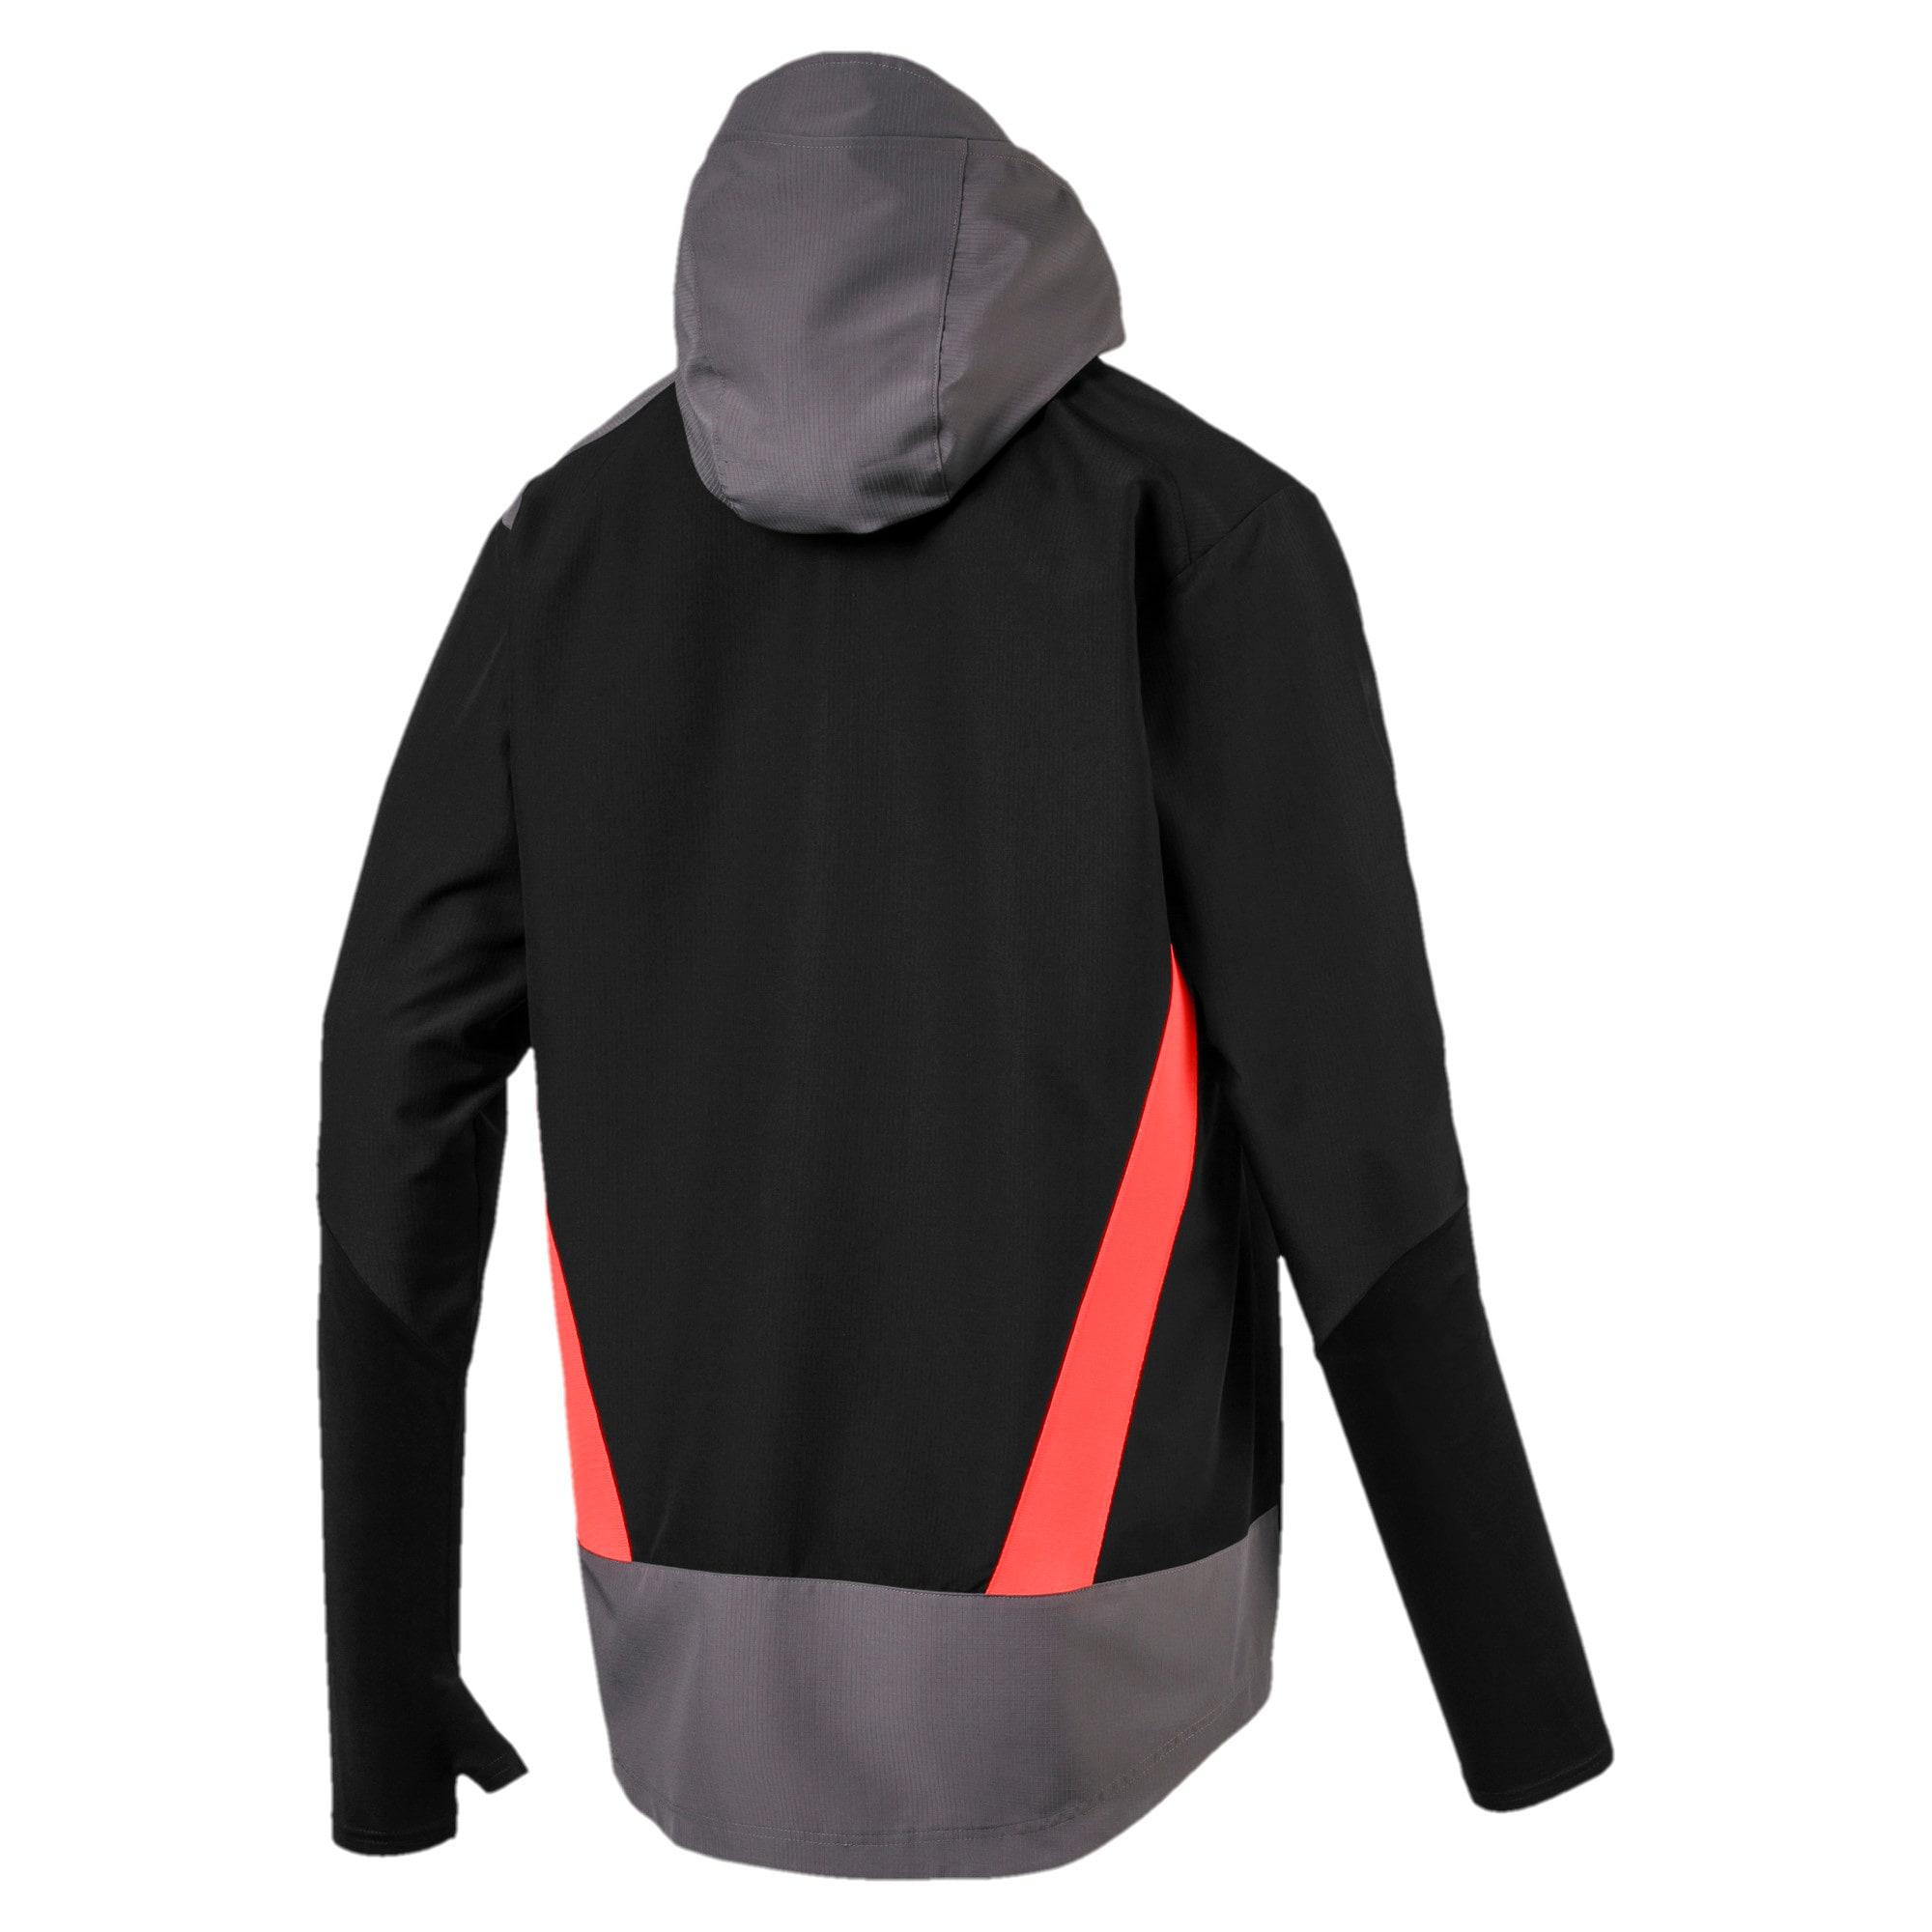 Thumbnail 5 of Blouson de survêtement  Pro pour homme, Puma Black-Nrgy Red, medium